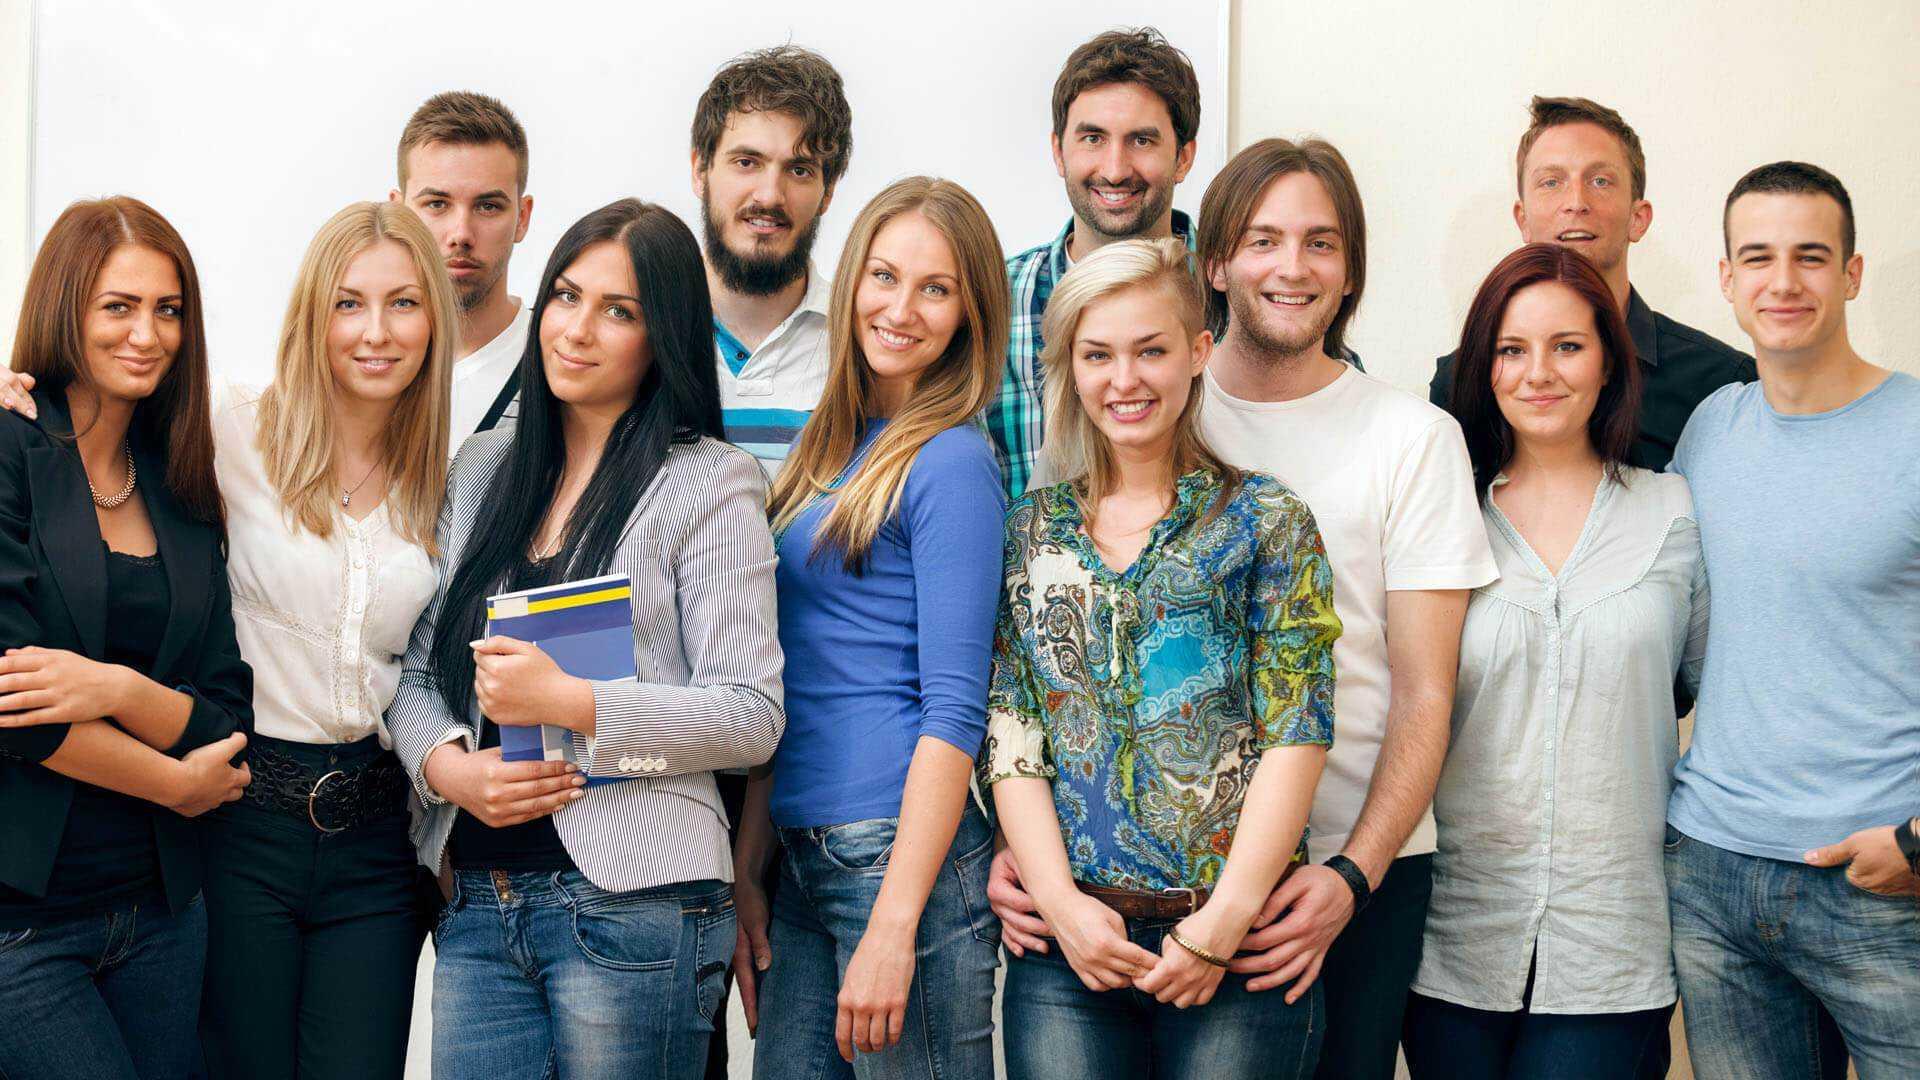 Разговорный клуб в москве бесплатно остров сокровищ клуб москва